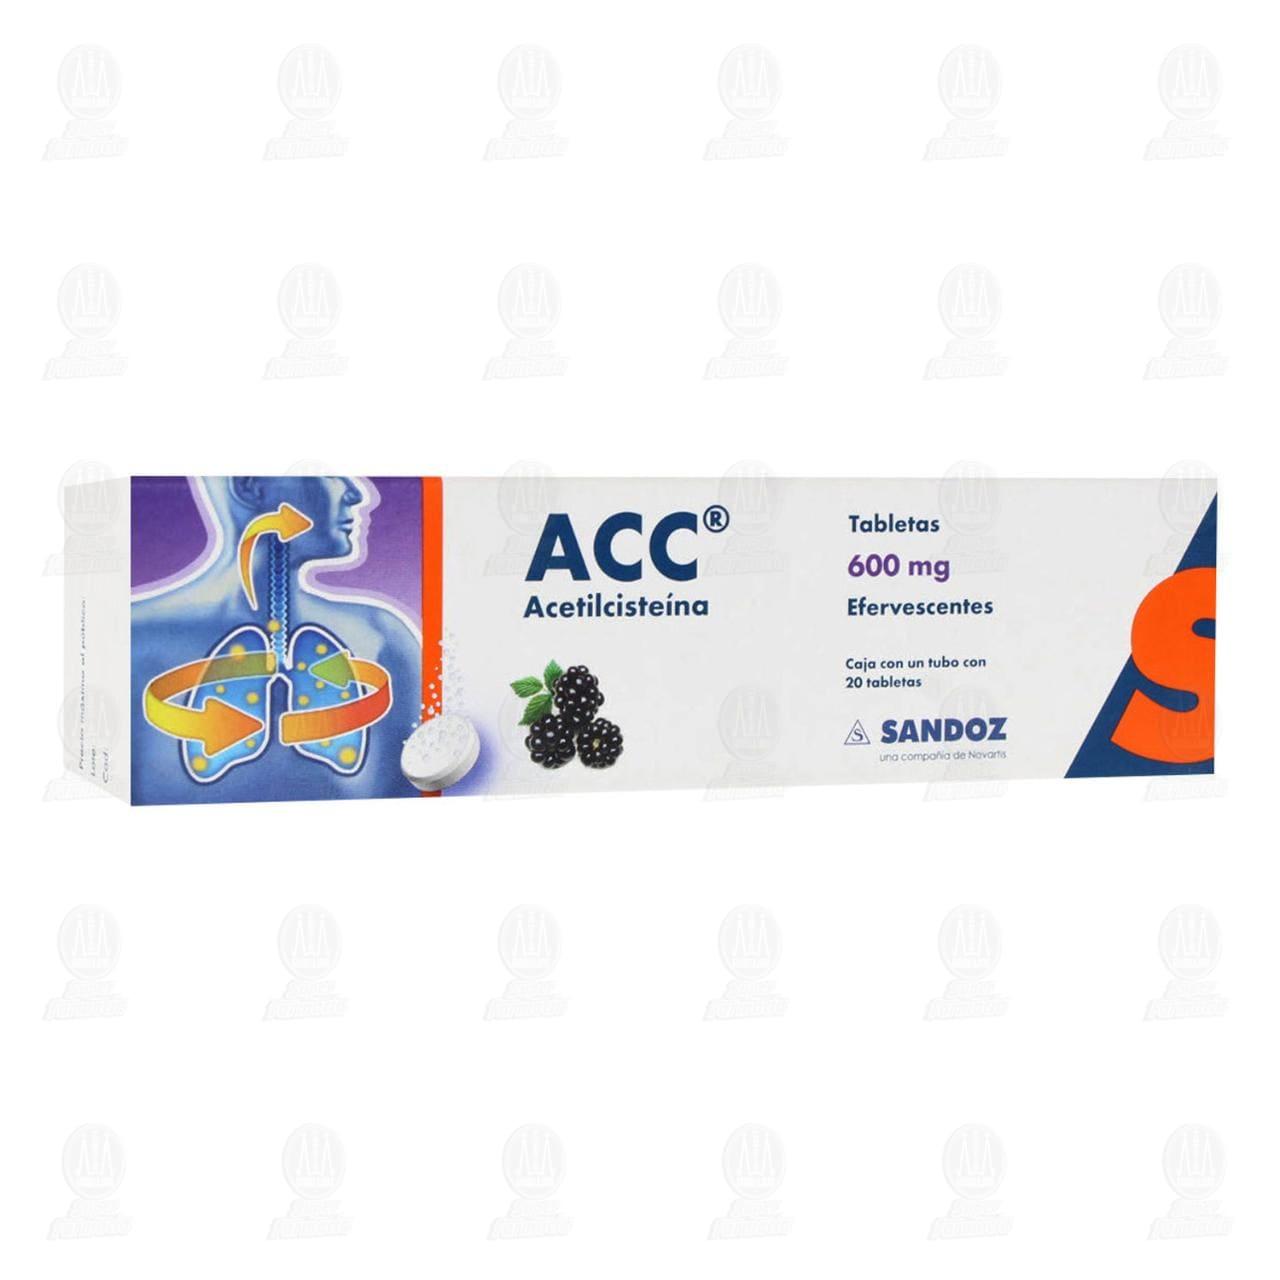 comprar https://www.movil.farmaciasguadalajara.com/wcsstore/FGCAS/wcs/products/1009850_A_1280_AL.jpg en farmacias guadalajara